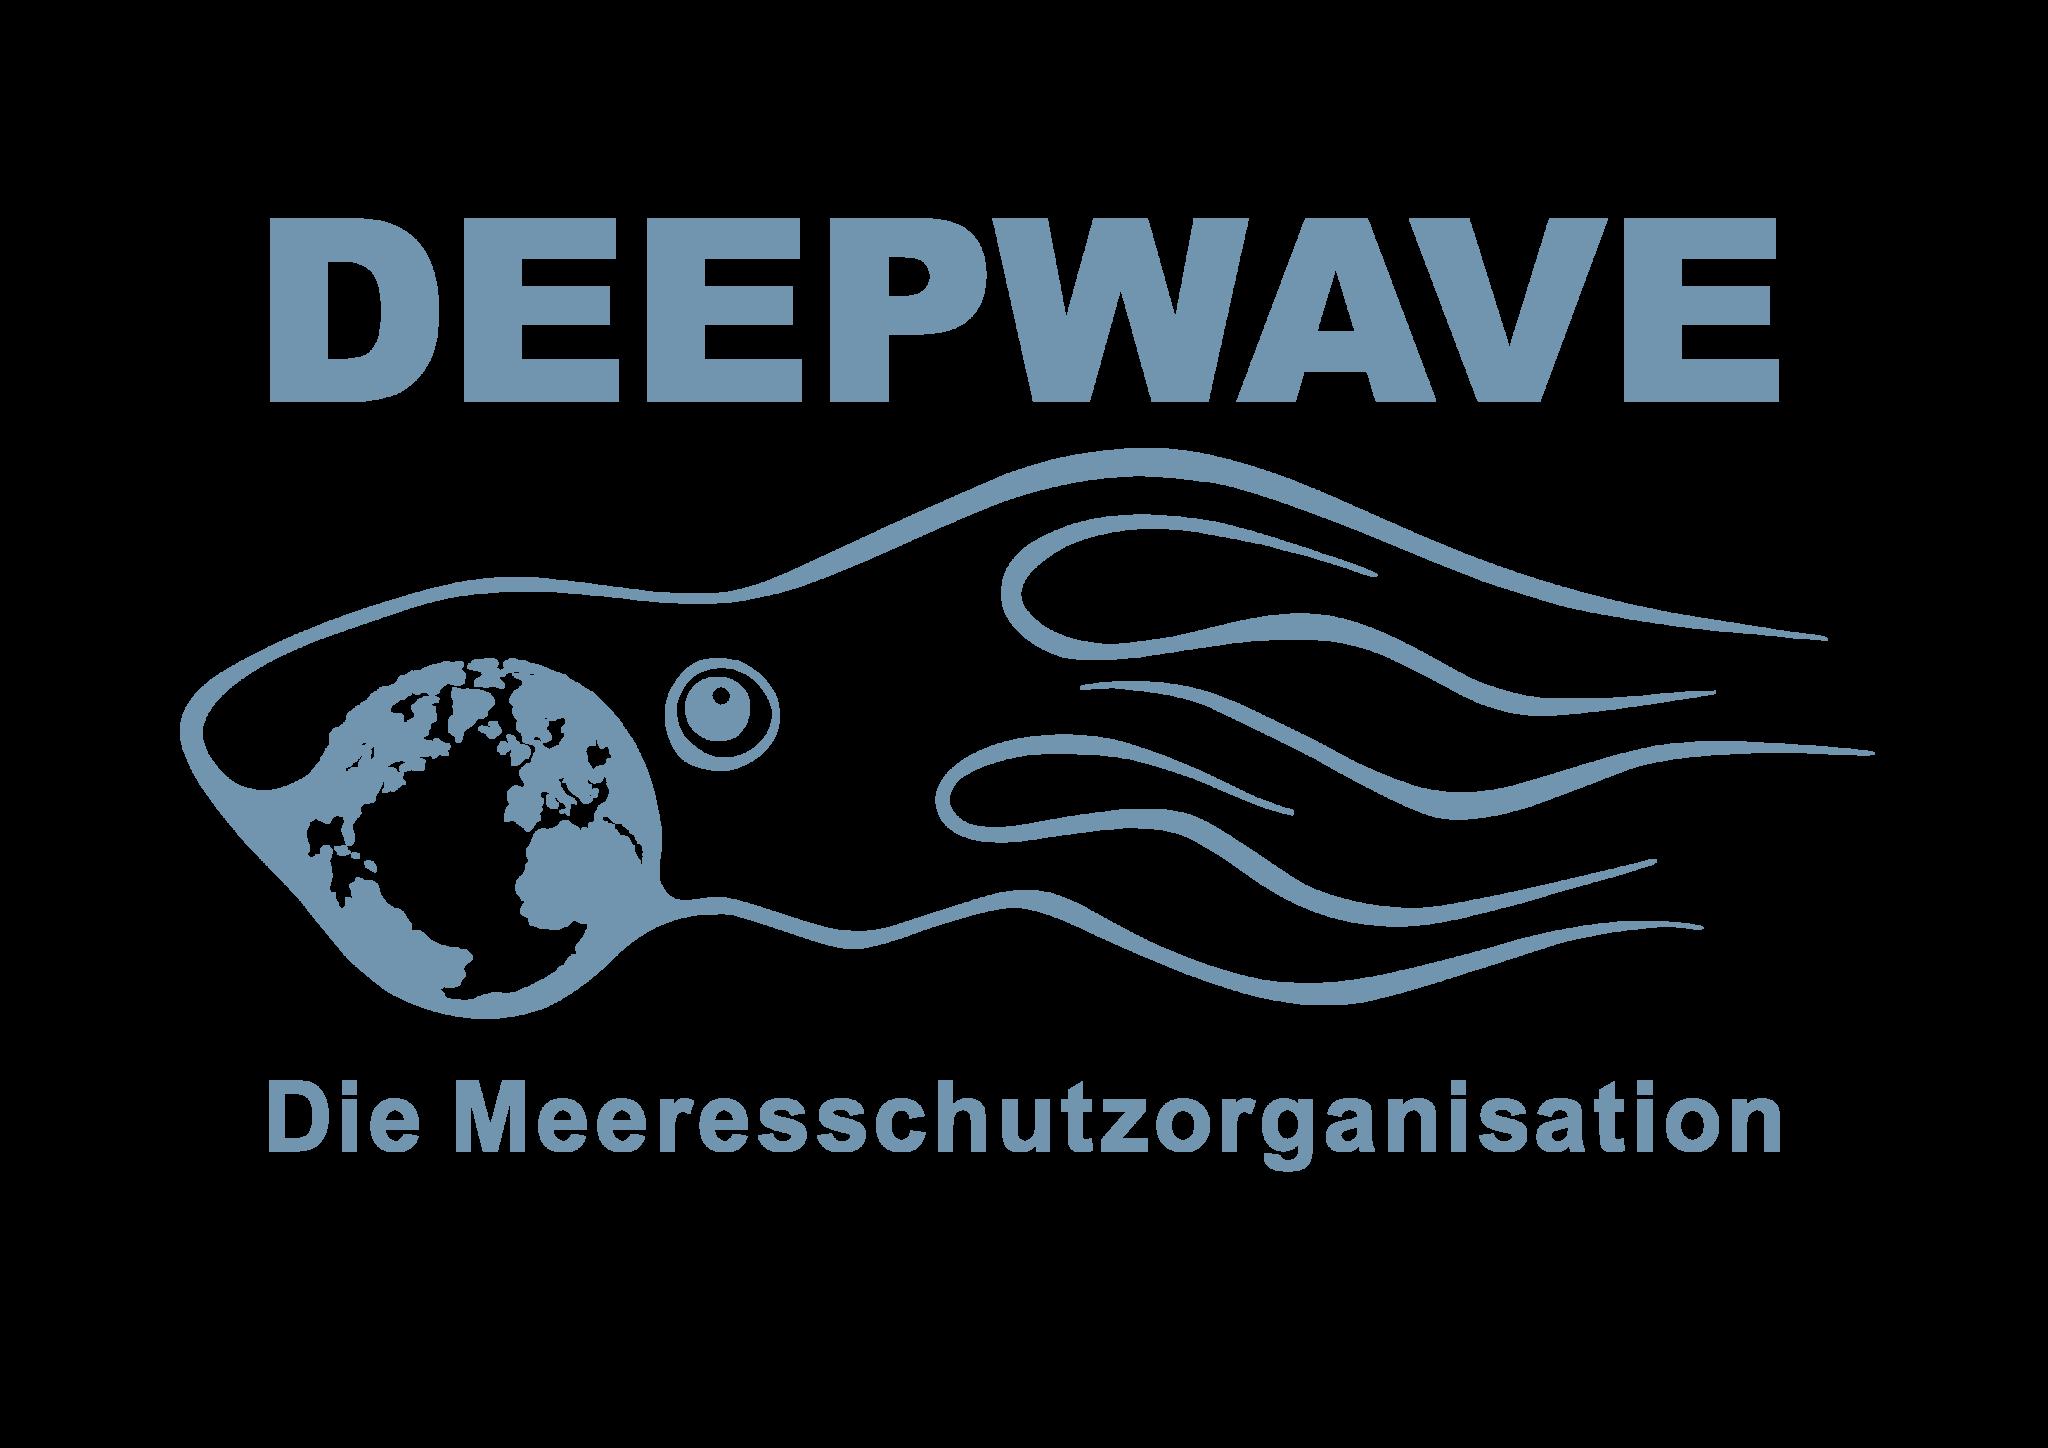 deepwave_logo_de_hellblau_PNG